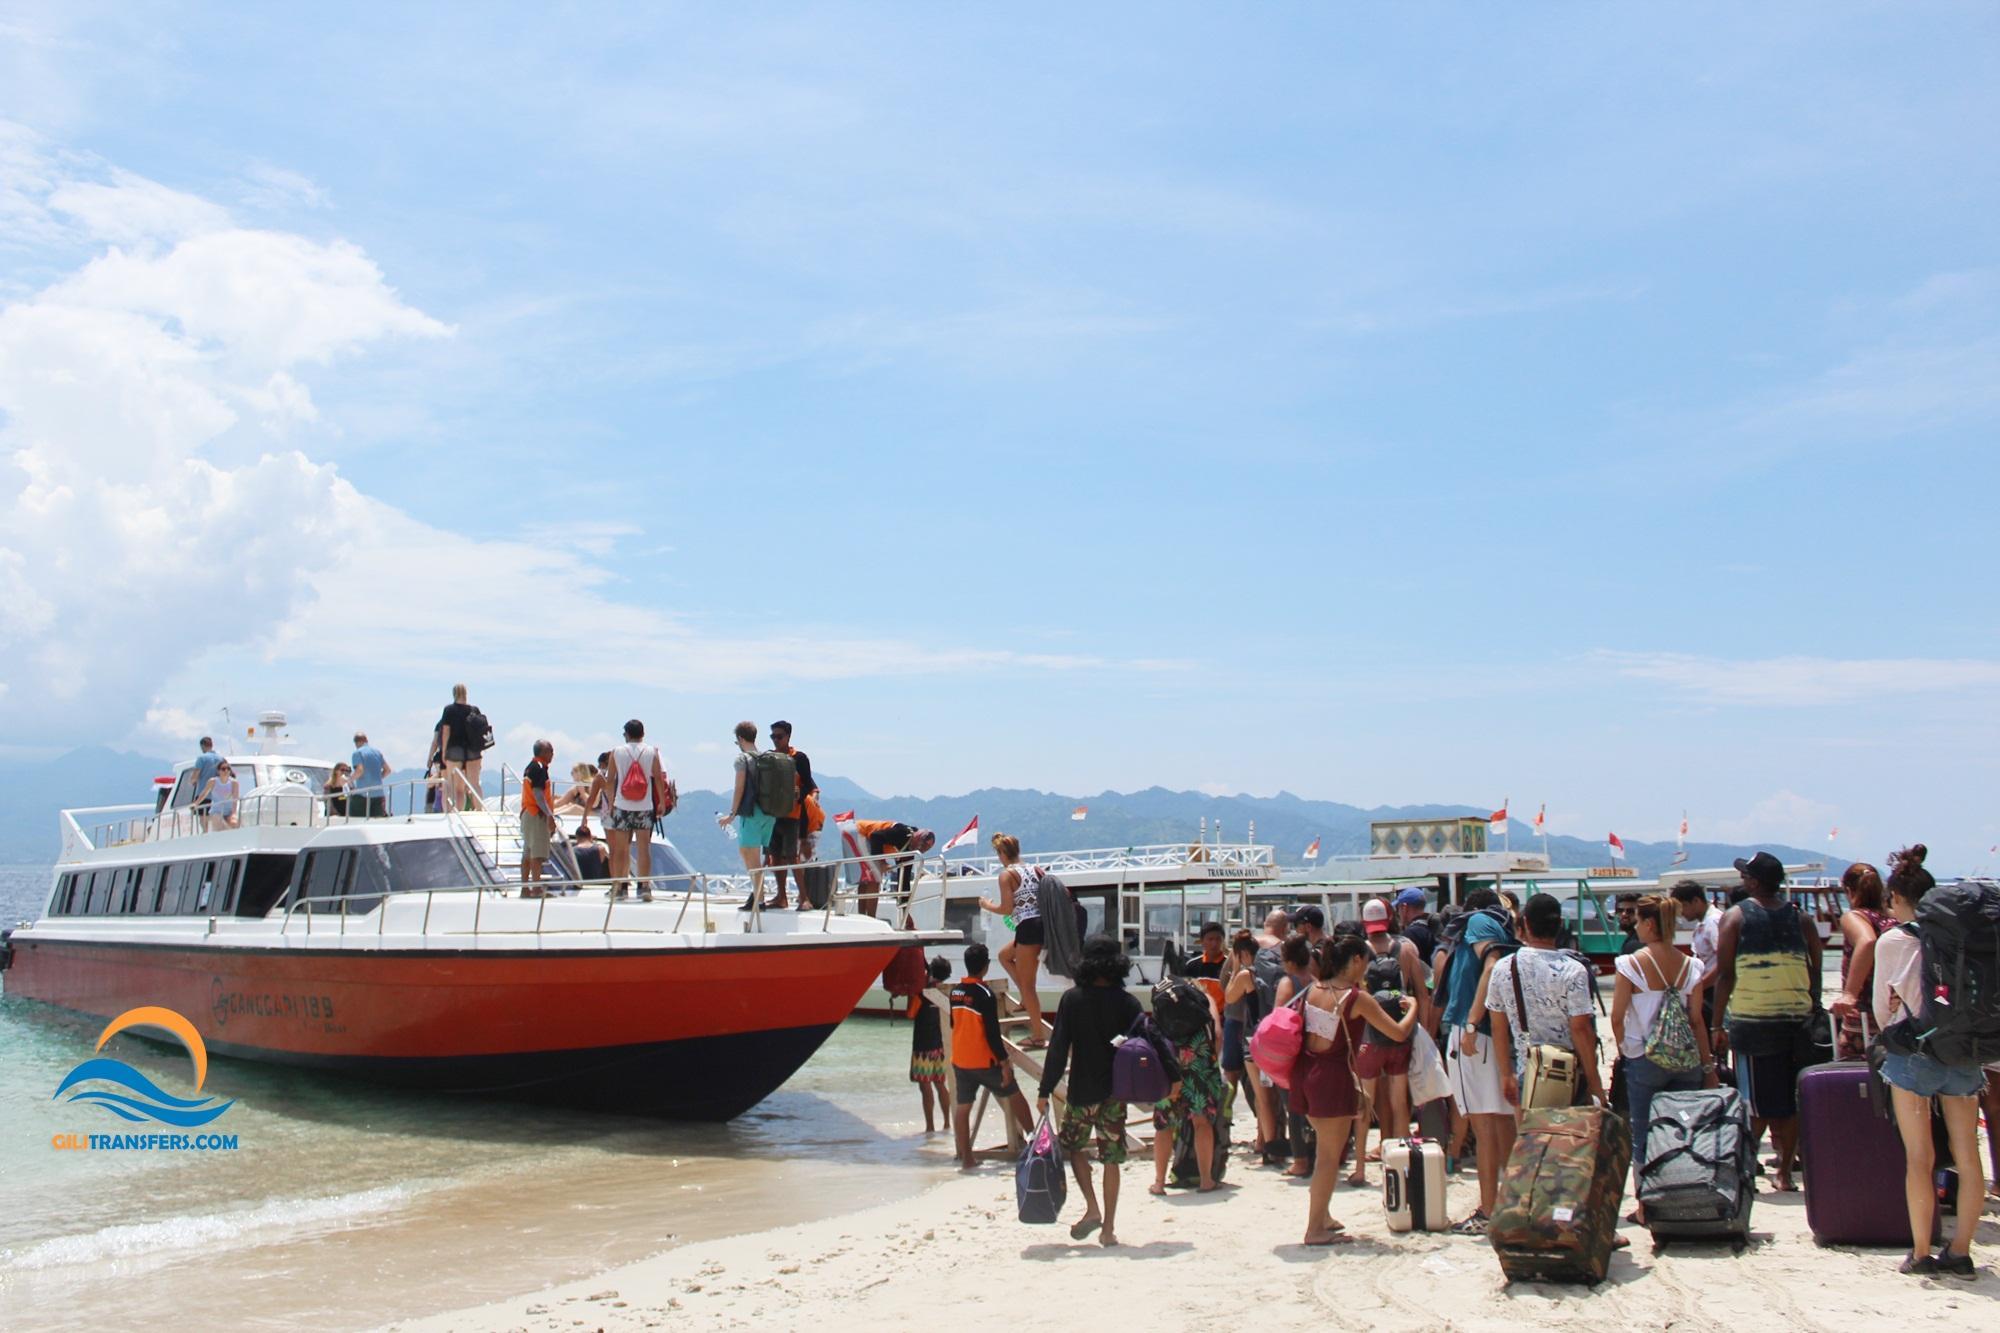 Bali (Padangbai) to Gili Trawangan - Fast Boat Tickets